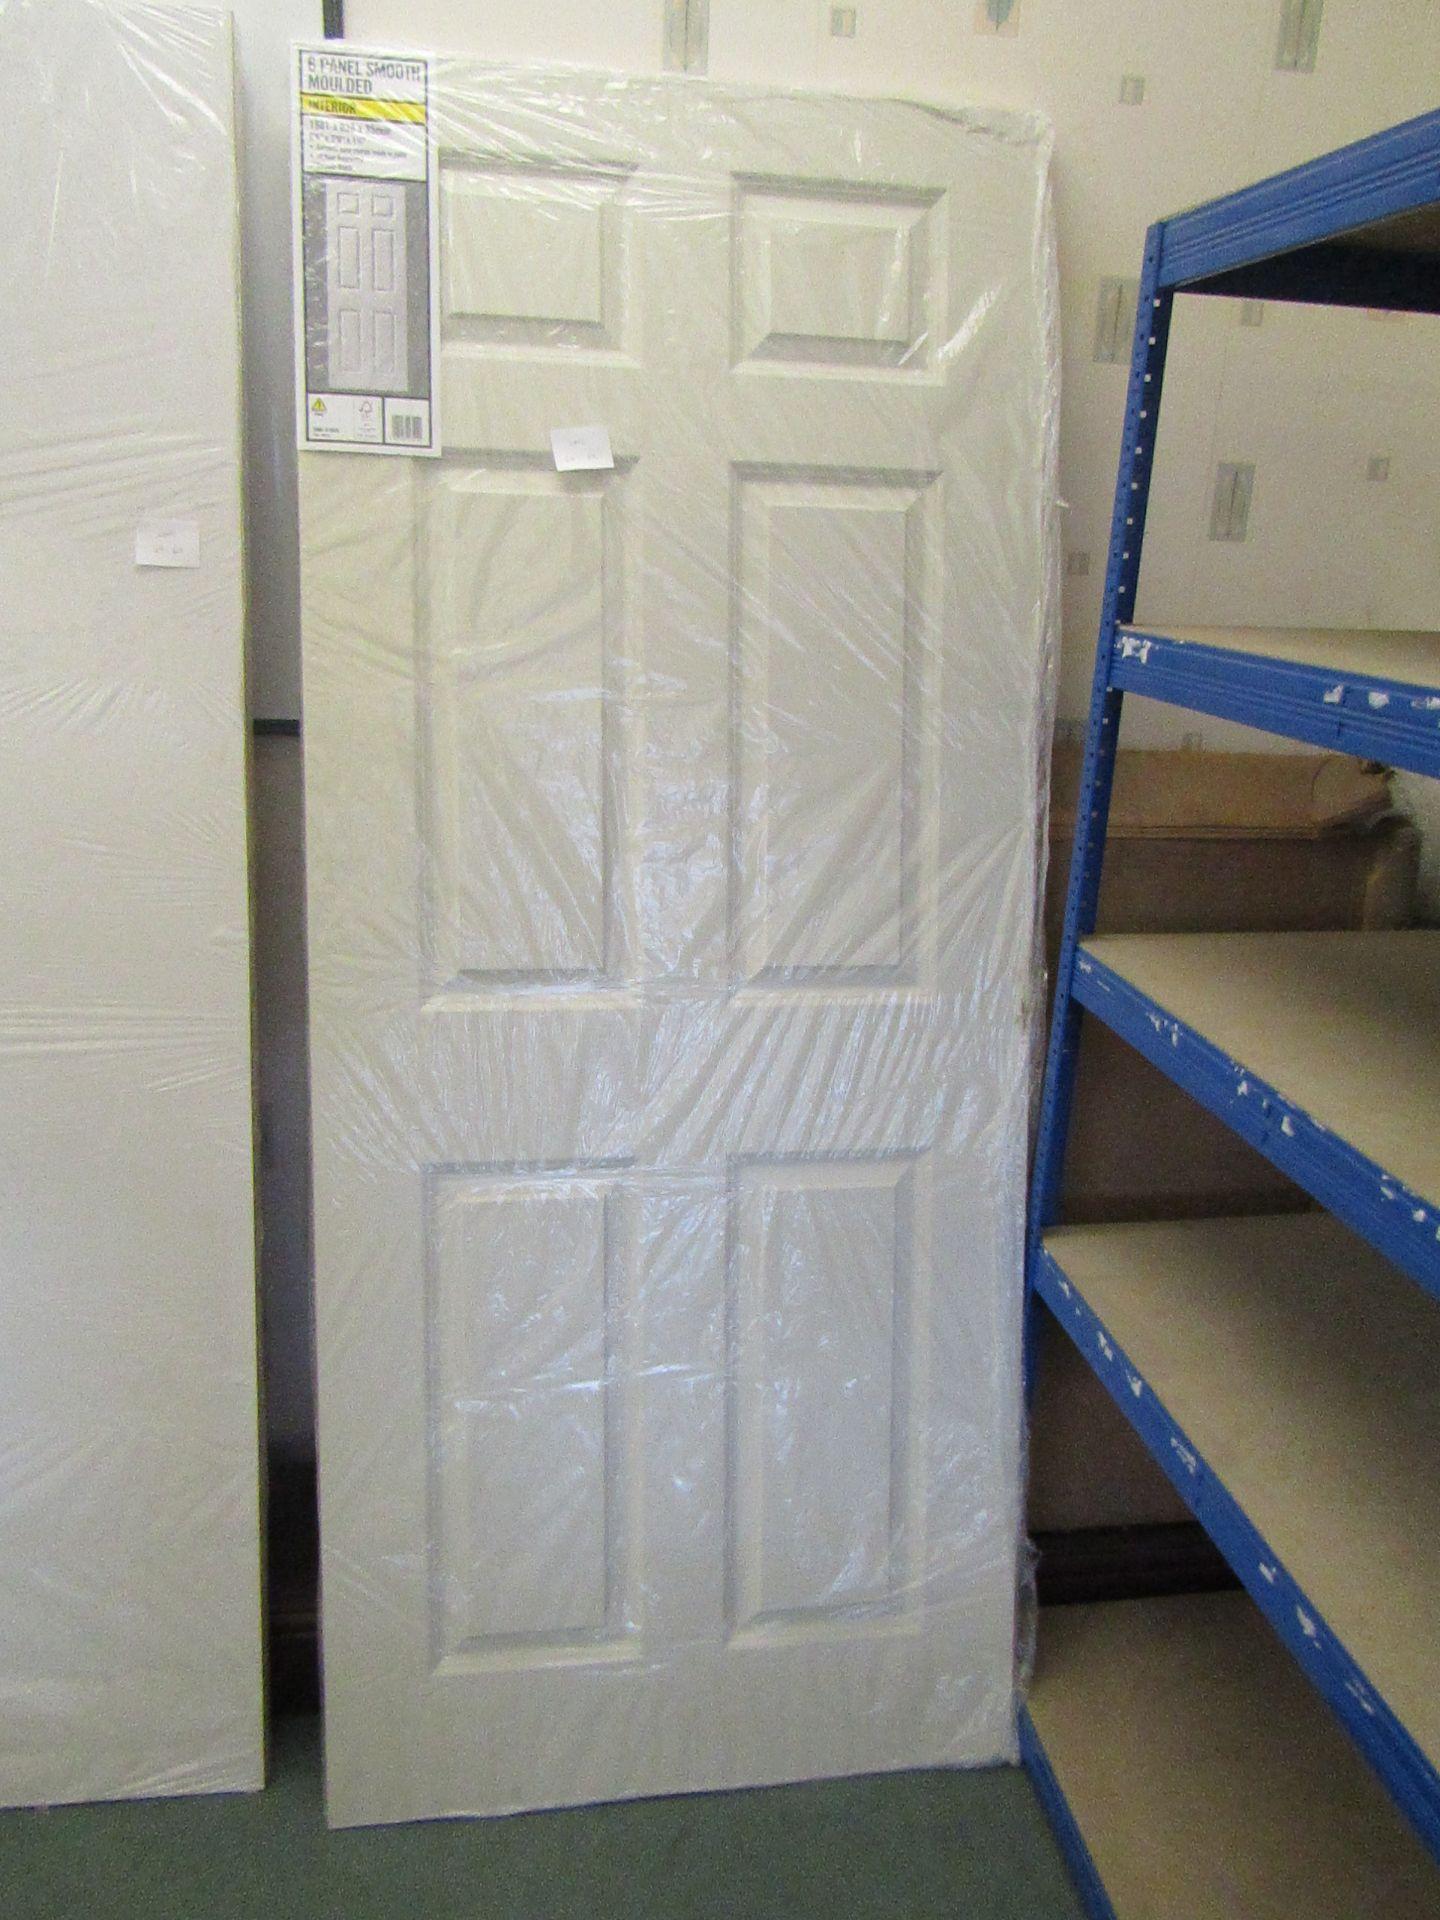 Lot 40 - Premdoor 6 Panel smooth interior door 838mm wide, unused